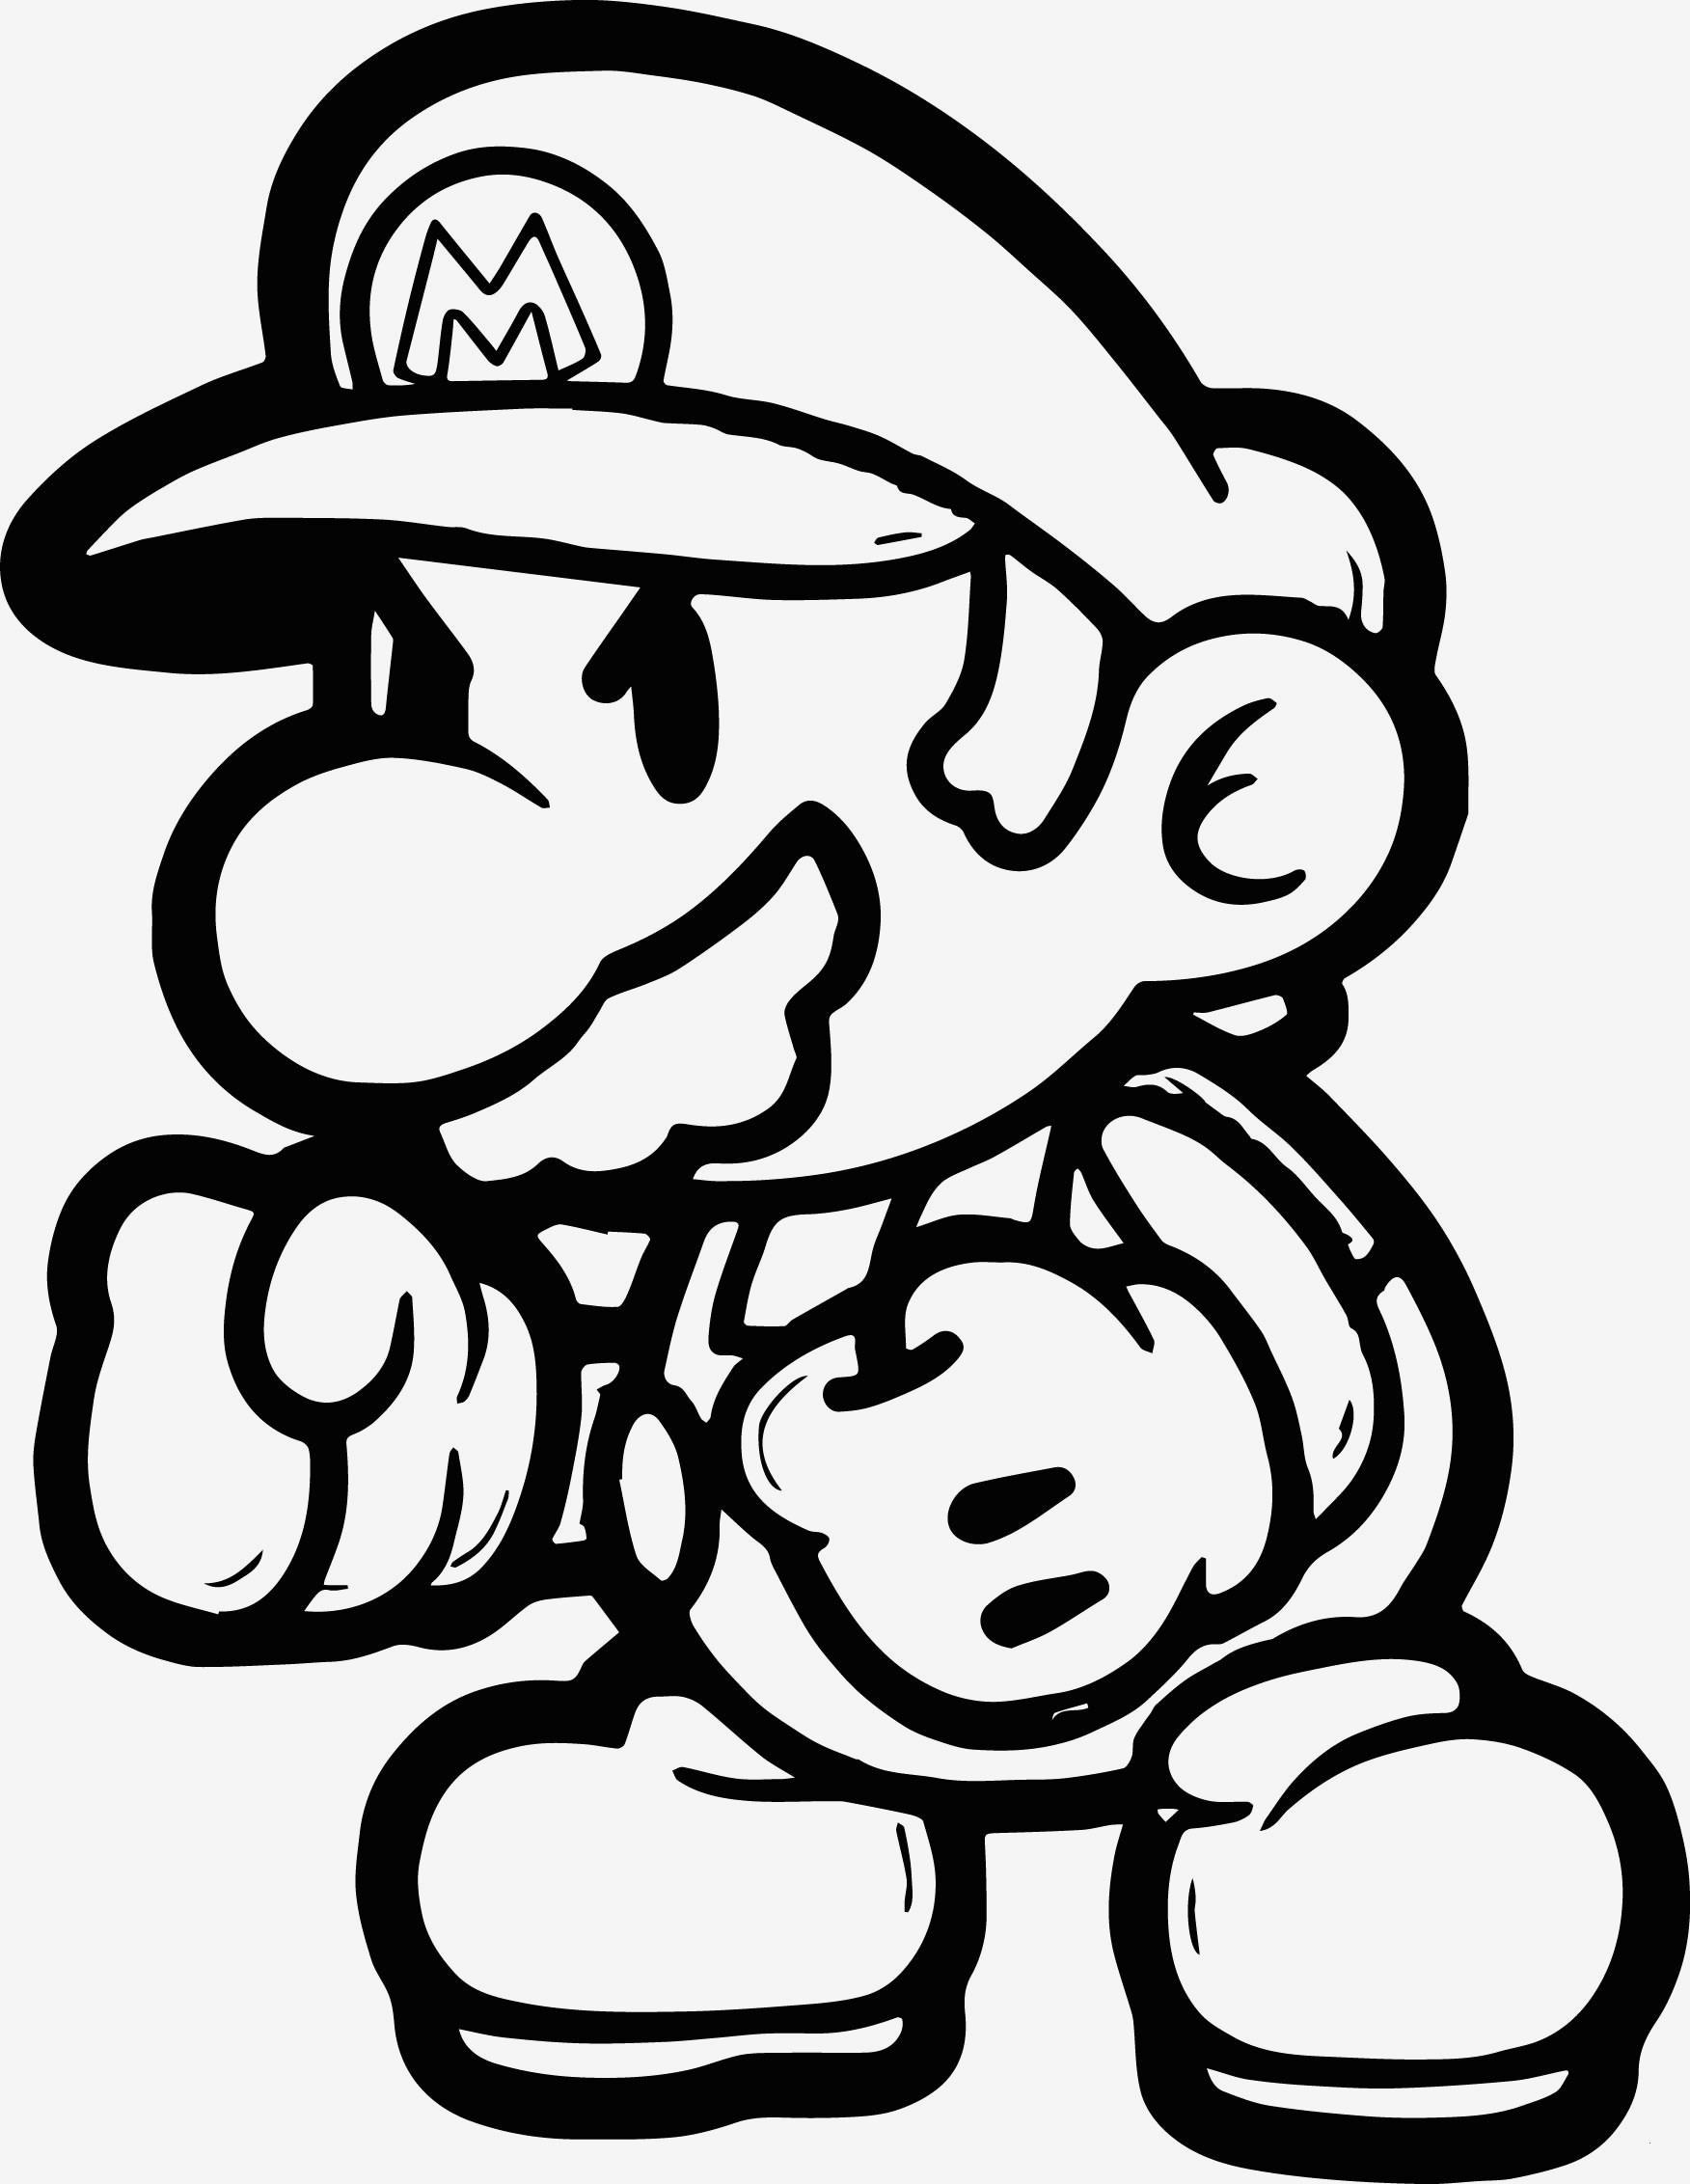 Super Mario Ausmalbilder Genial 34 Schön Mario Ausmalbilder – Malvorlagen Ideen Galerie